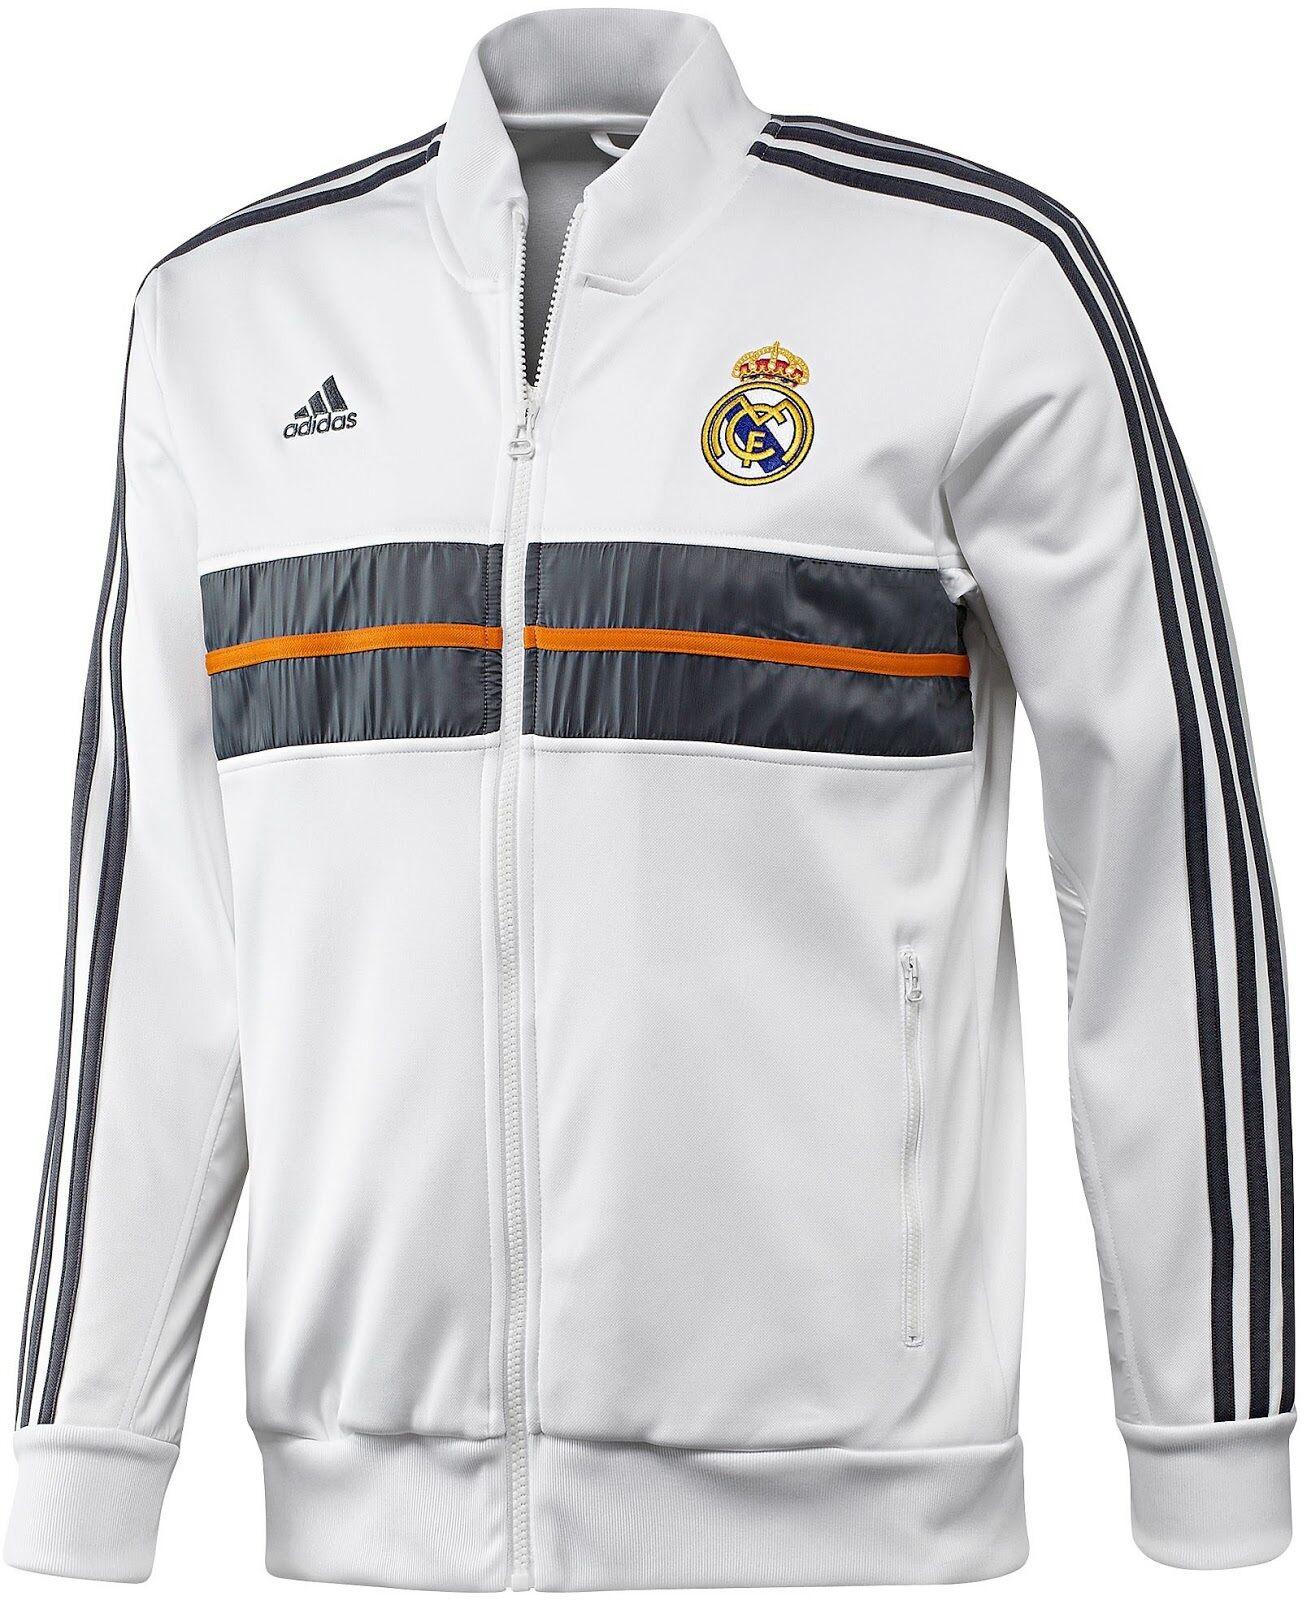 Adidas Real Madrid Himno Chaqueta blancooo Oscuro